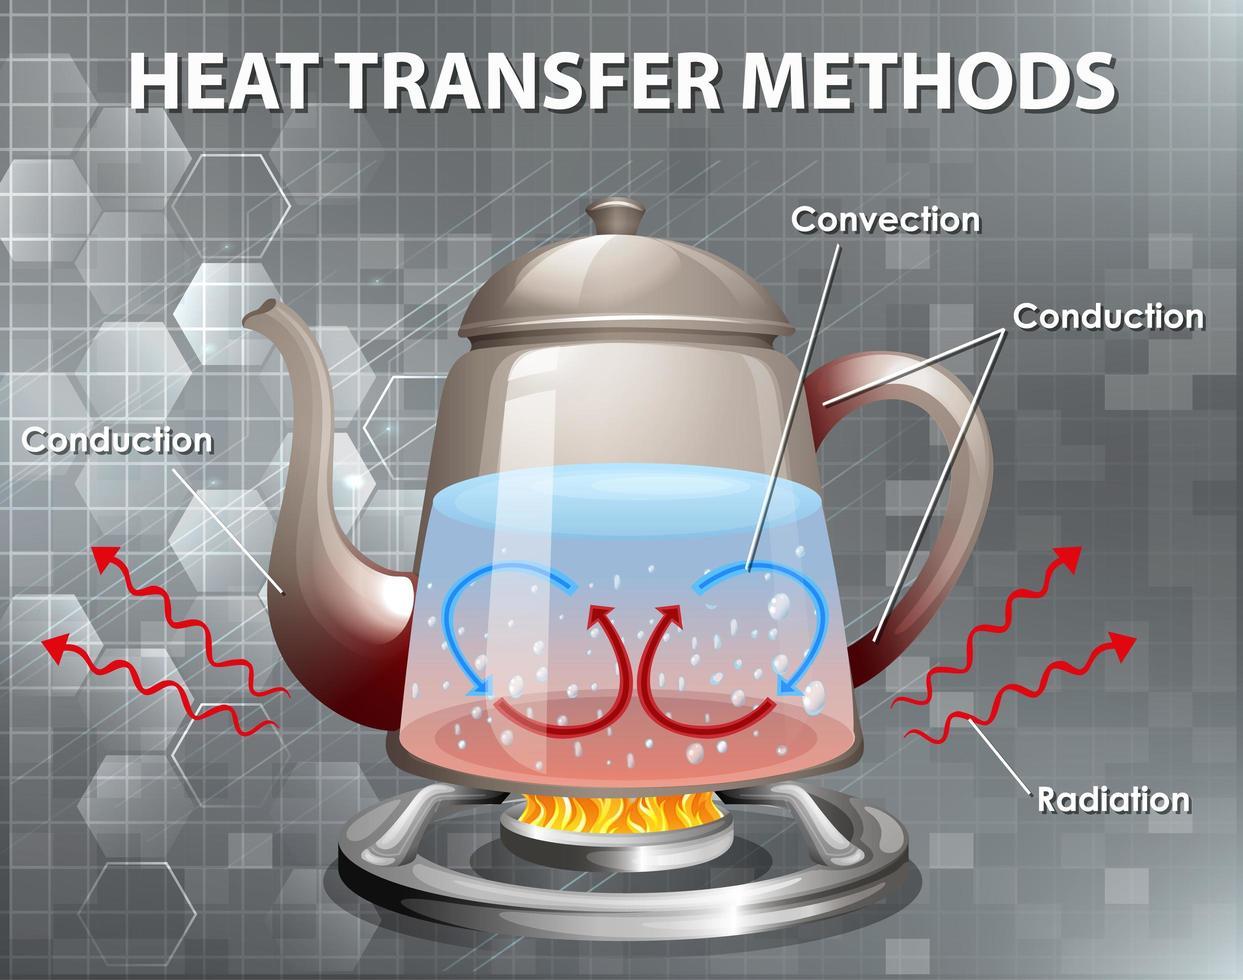 métodos de transferencia de calor vector